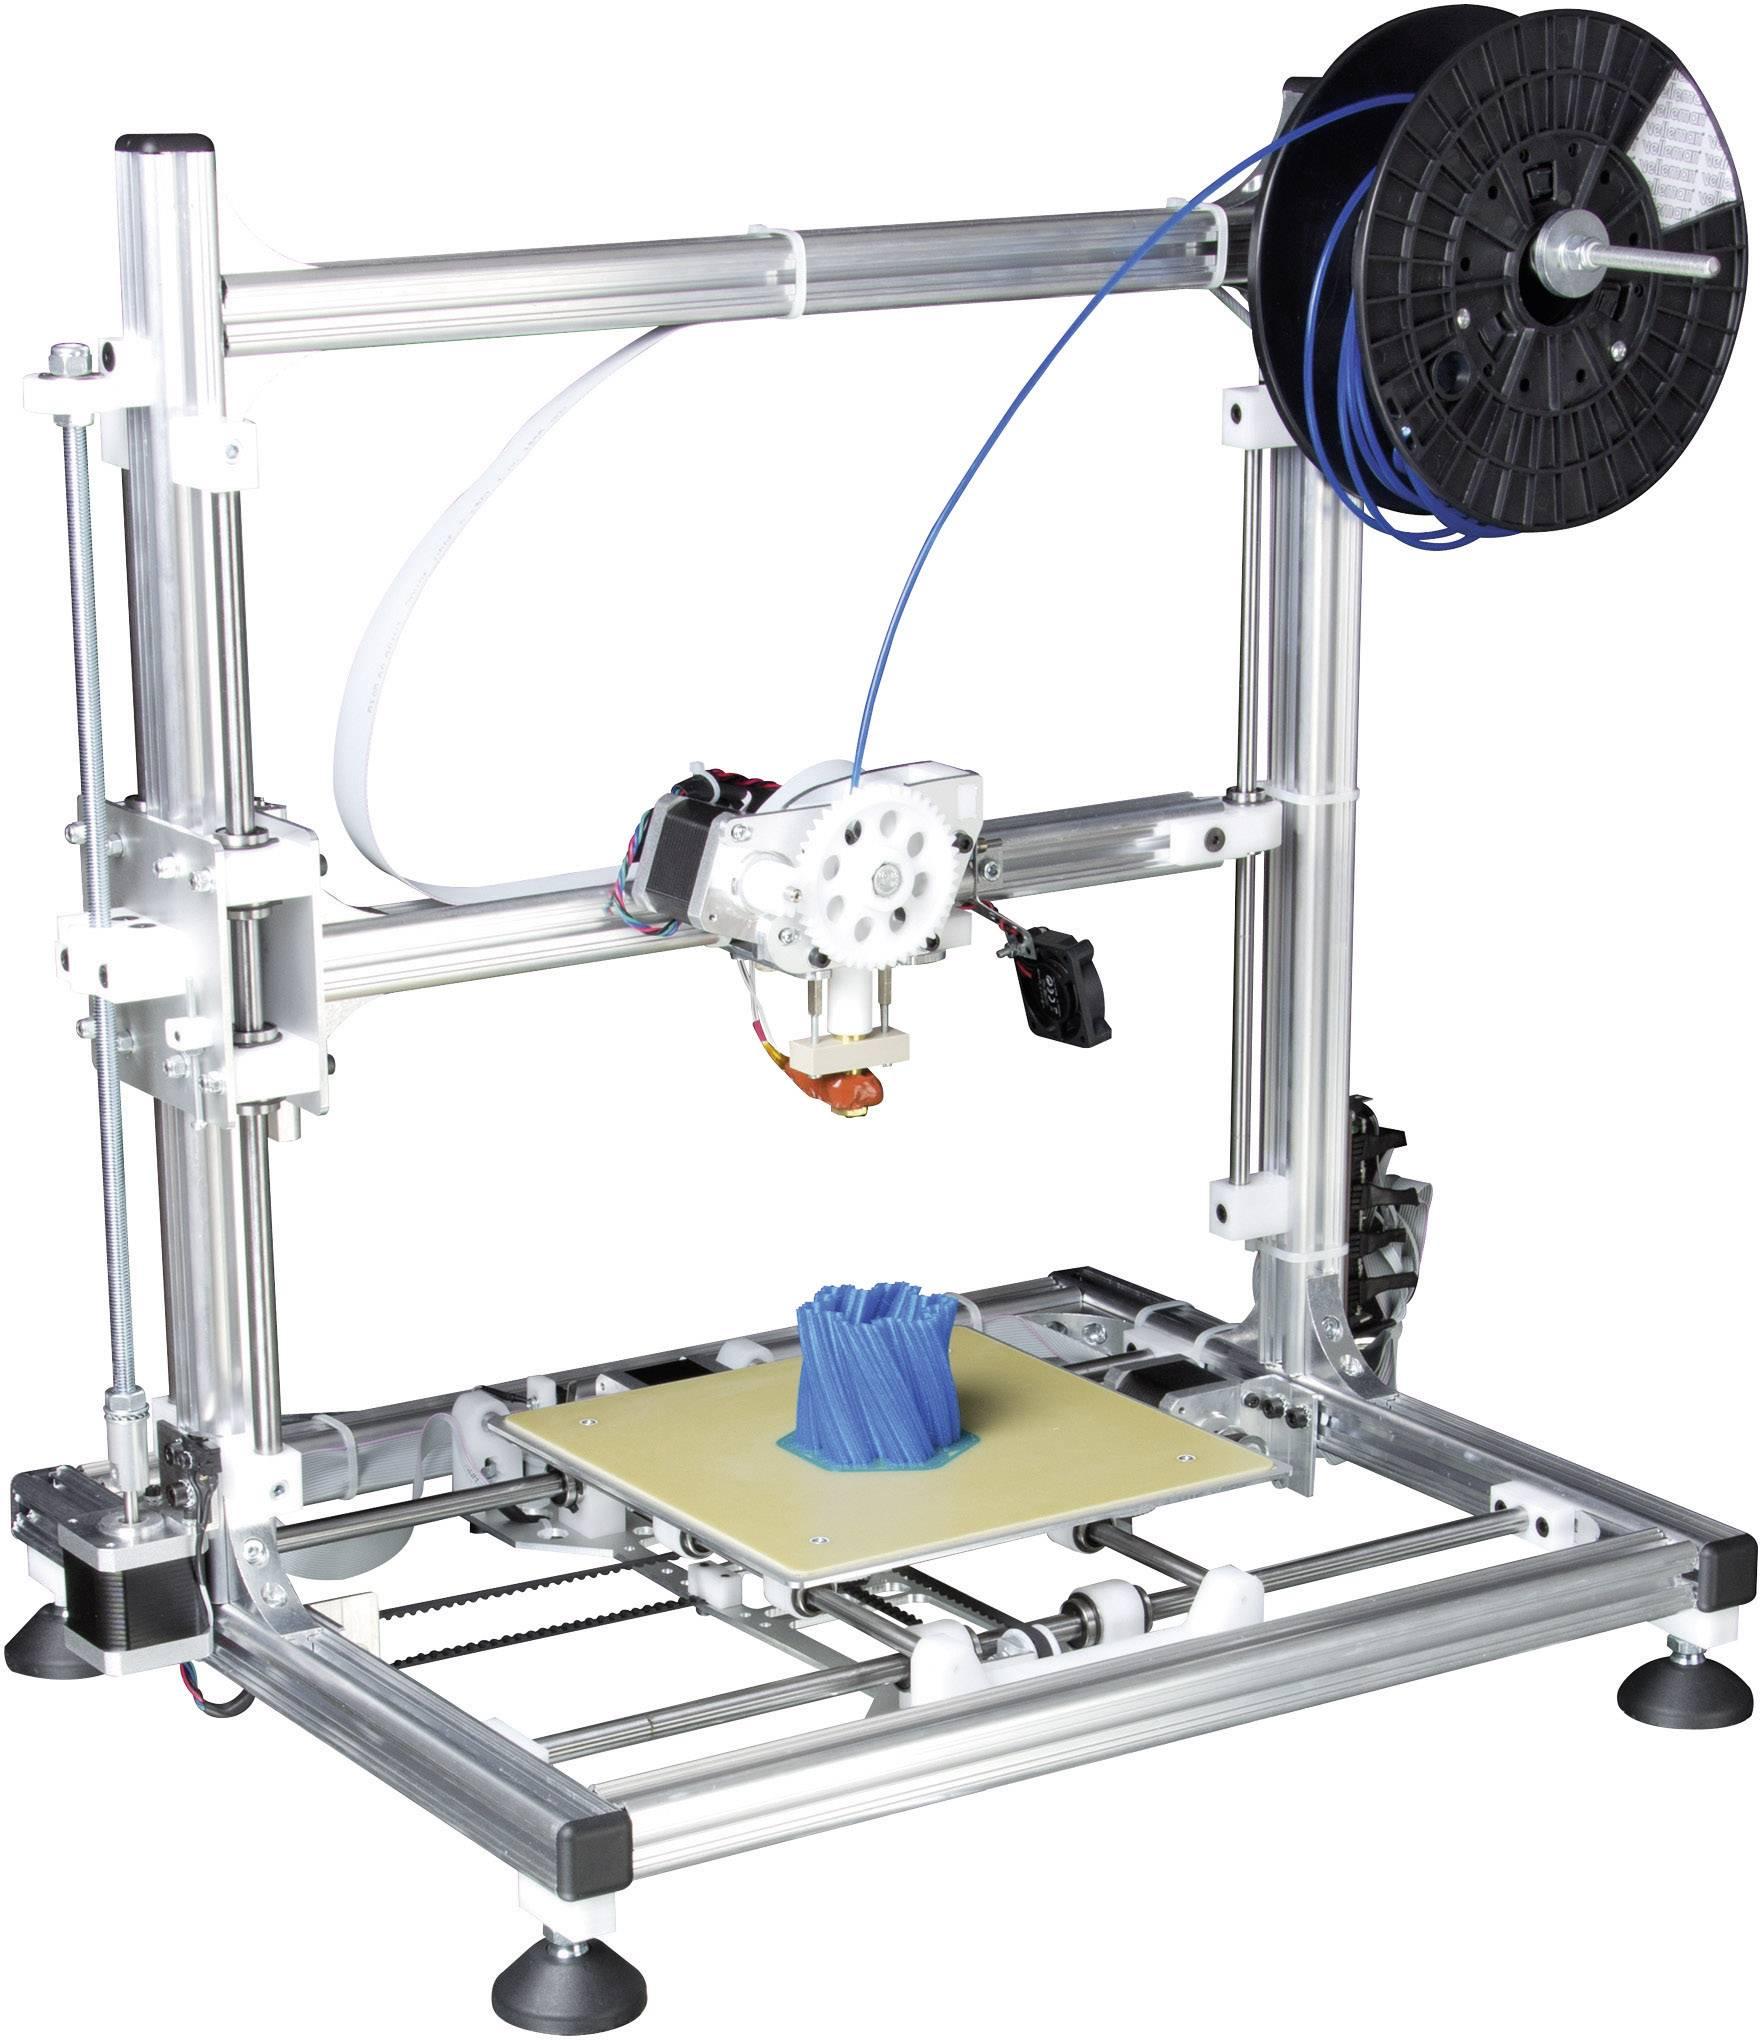 KIT stampante 3D Velleman K820